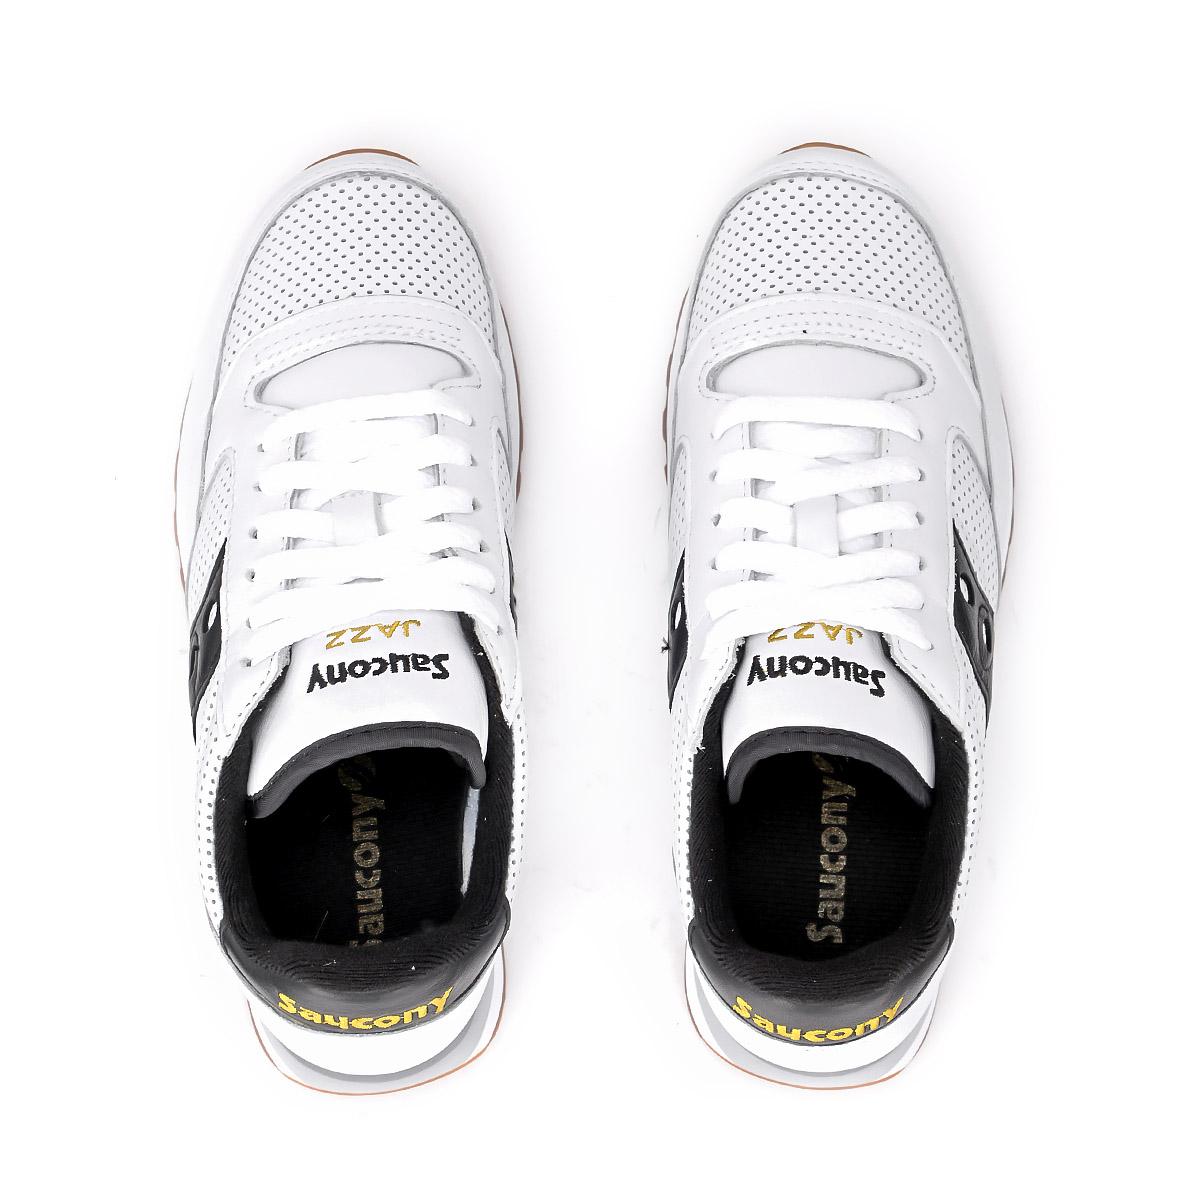 Dettagli su Sneaker Saucony Jazz in pelle bianca traforata con dettagli in pelle n